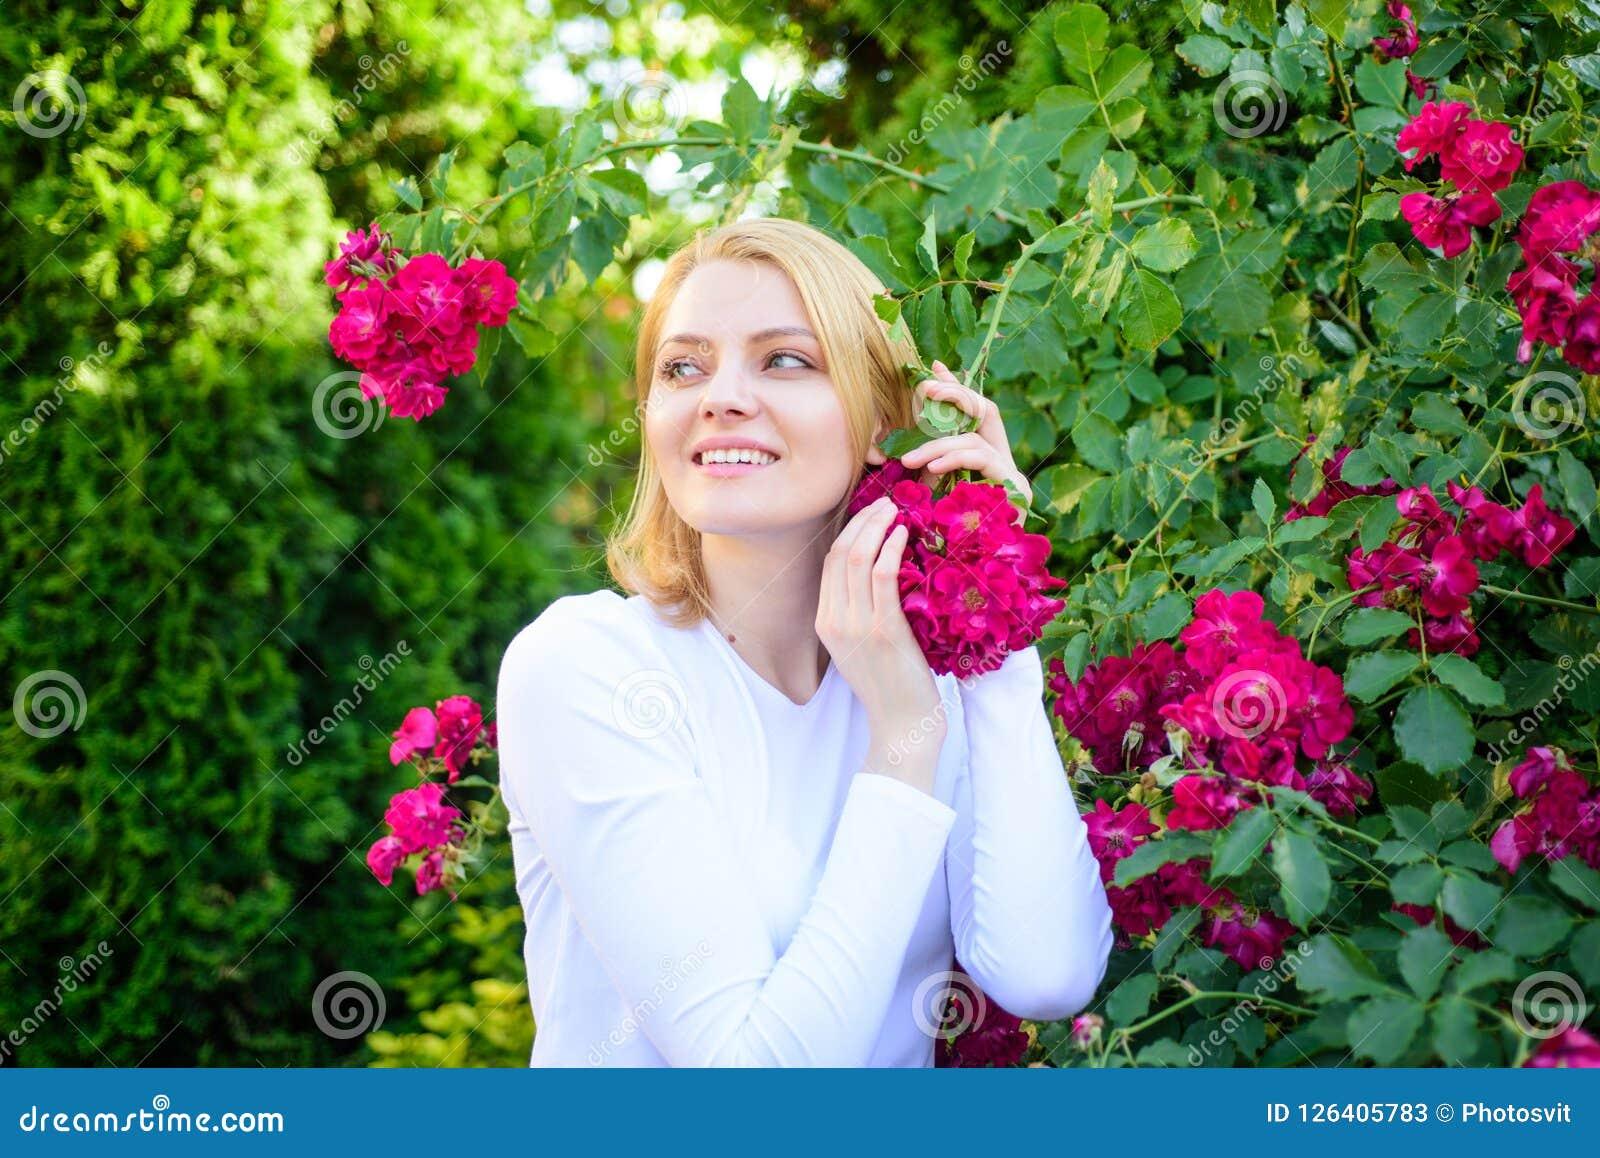 La aspiración de la mujer florece fragancia Olor blando y belleza natural Muchacha y flores en fondo de la naturaleza Aceite del